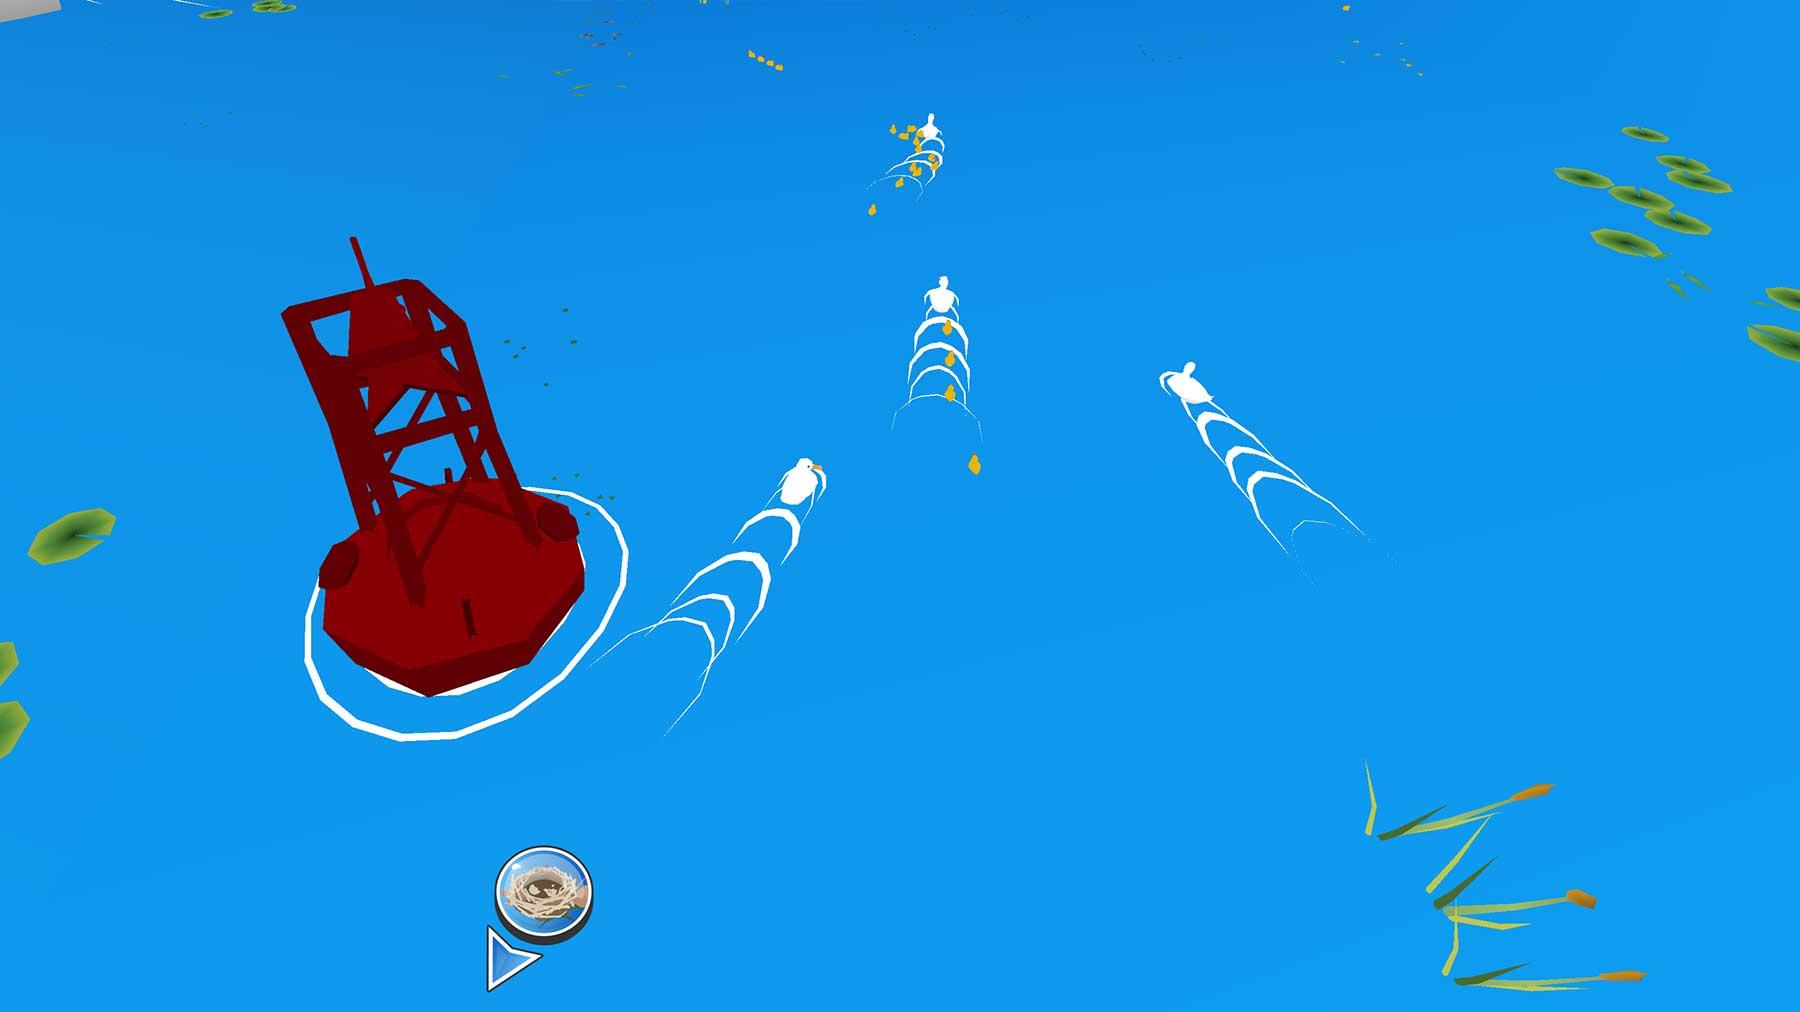 Ducklings.io lässt euch entspannt Enten-Familie spielen